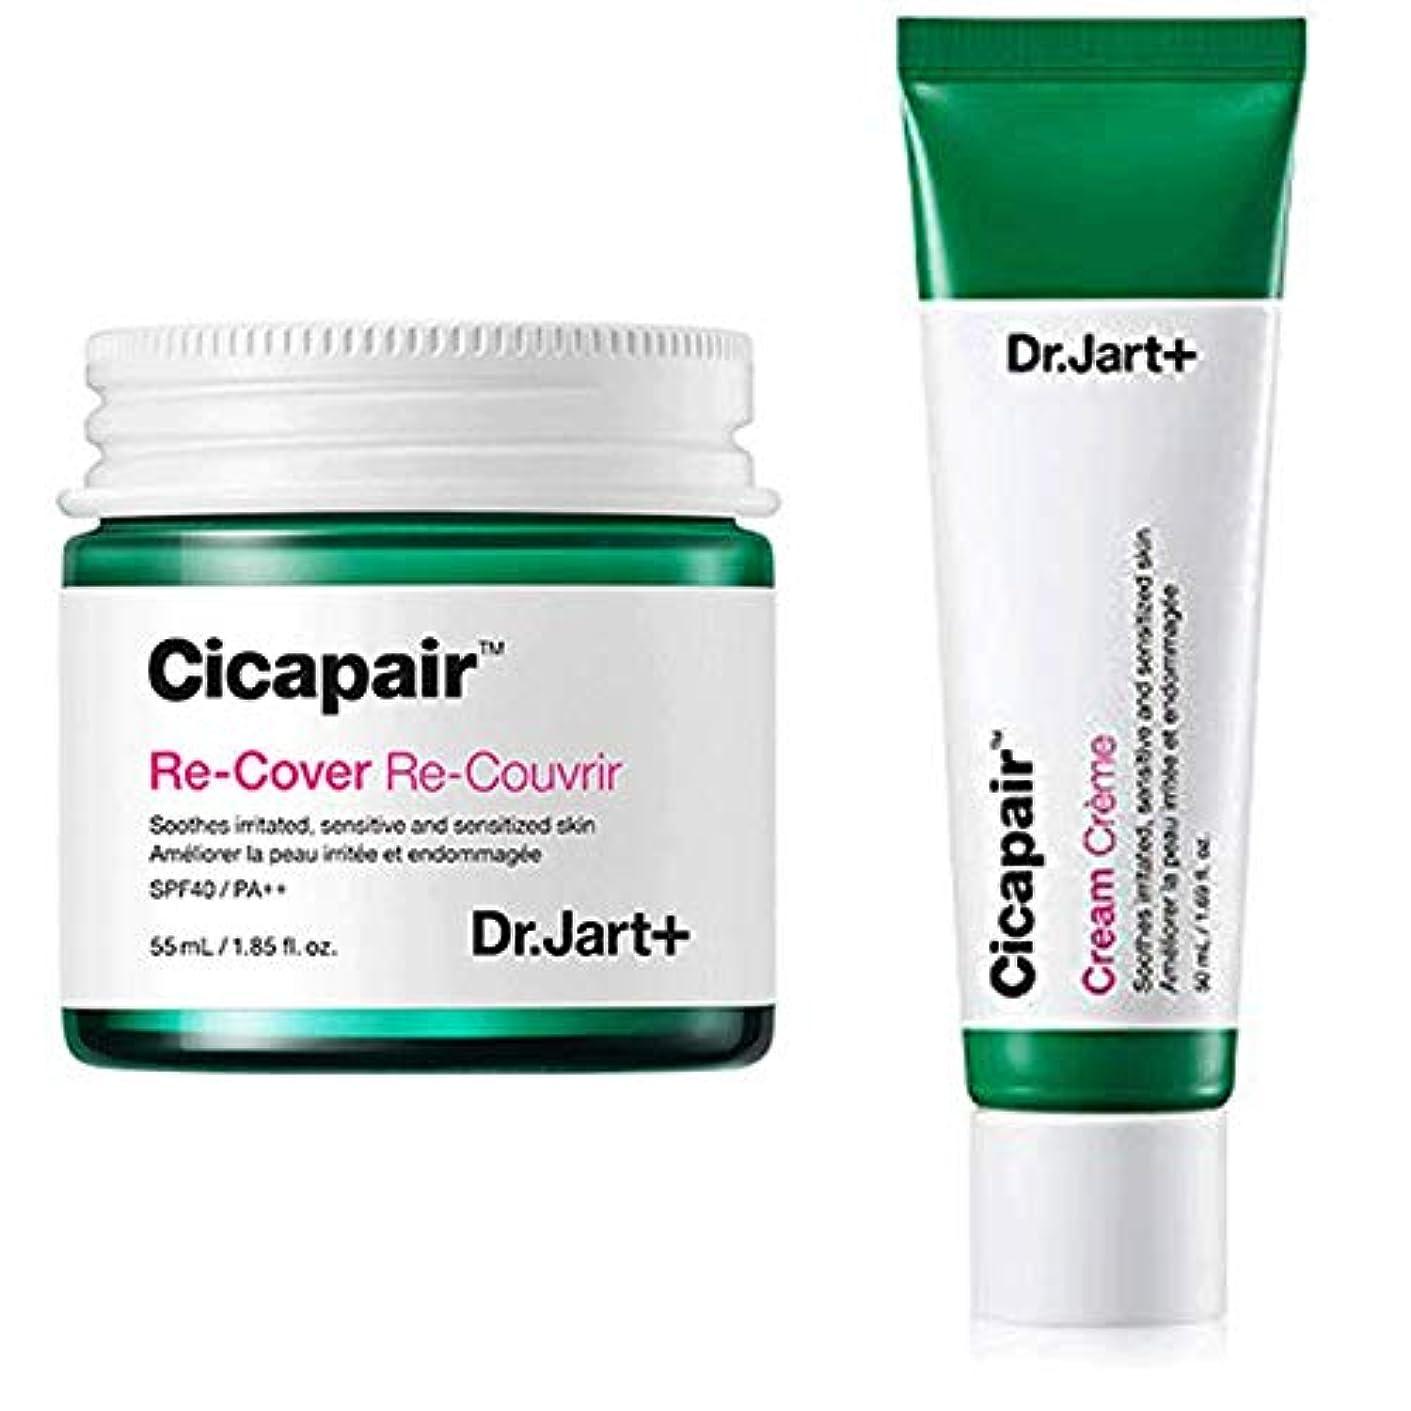 鉄み藤色Dr.Jart+ Cicapair Cream + ReCover ドクタージャルトシカペアクリーム50ml + リカバー 55ml (2代目) セット [並行輸入品]